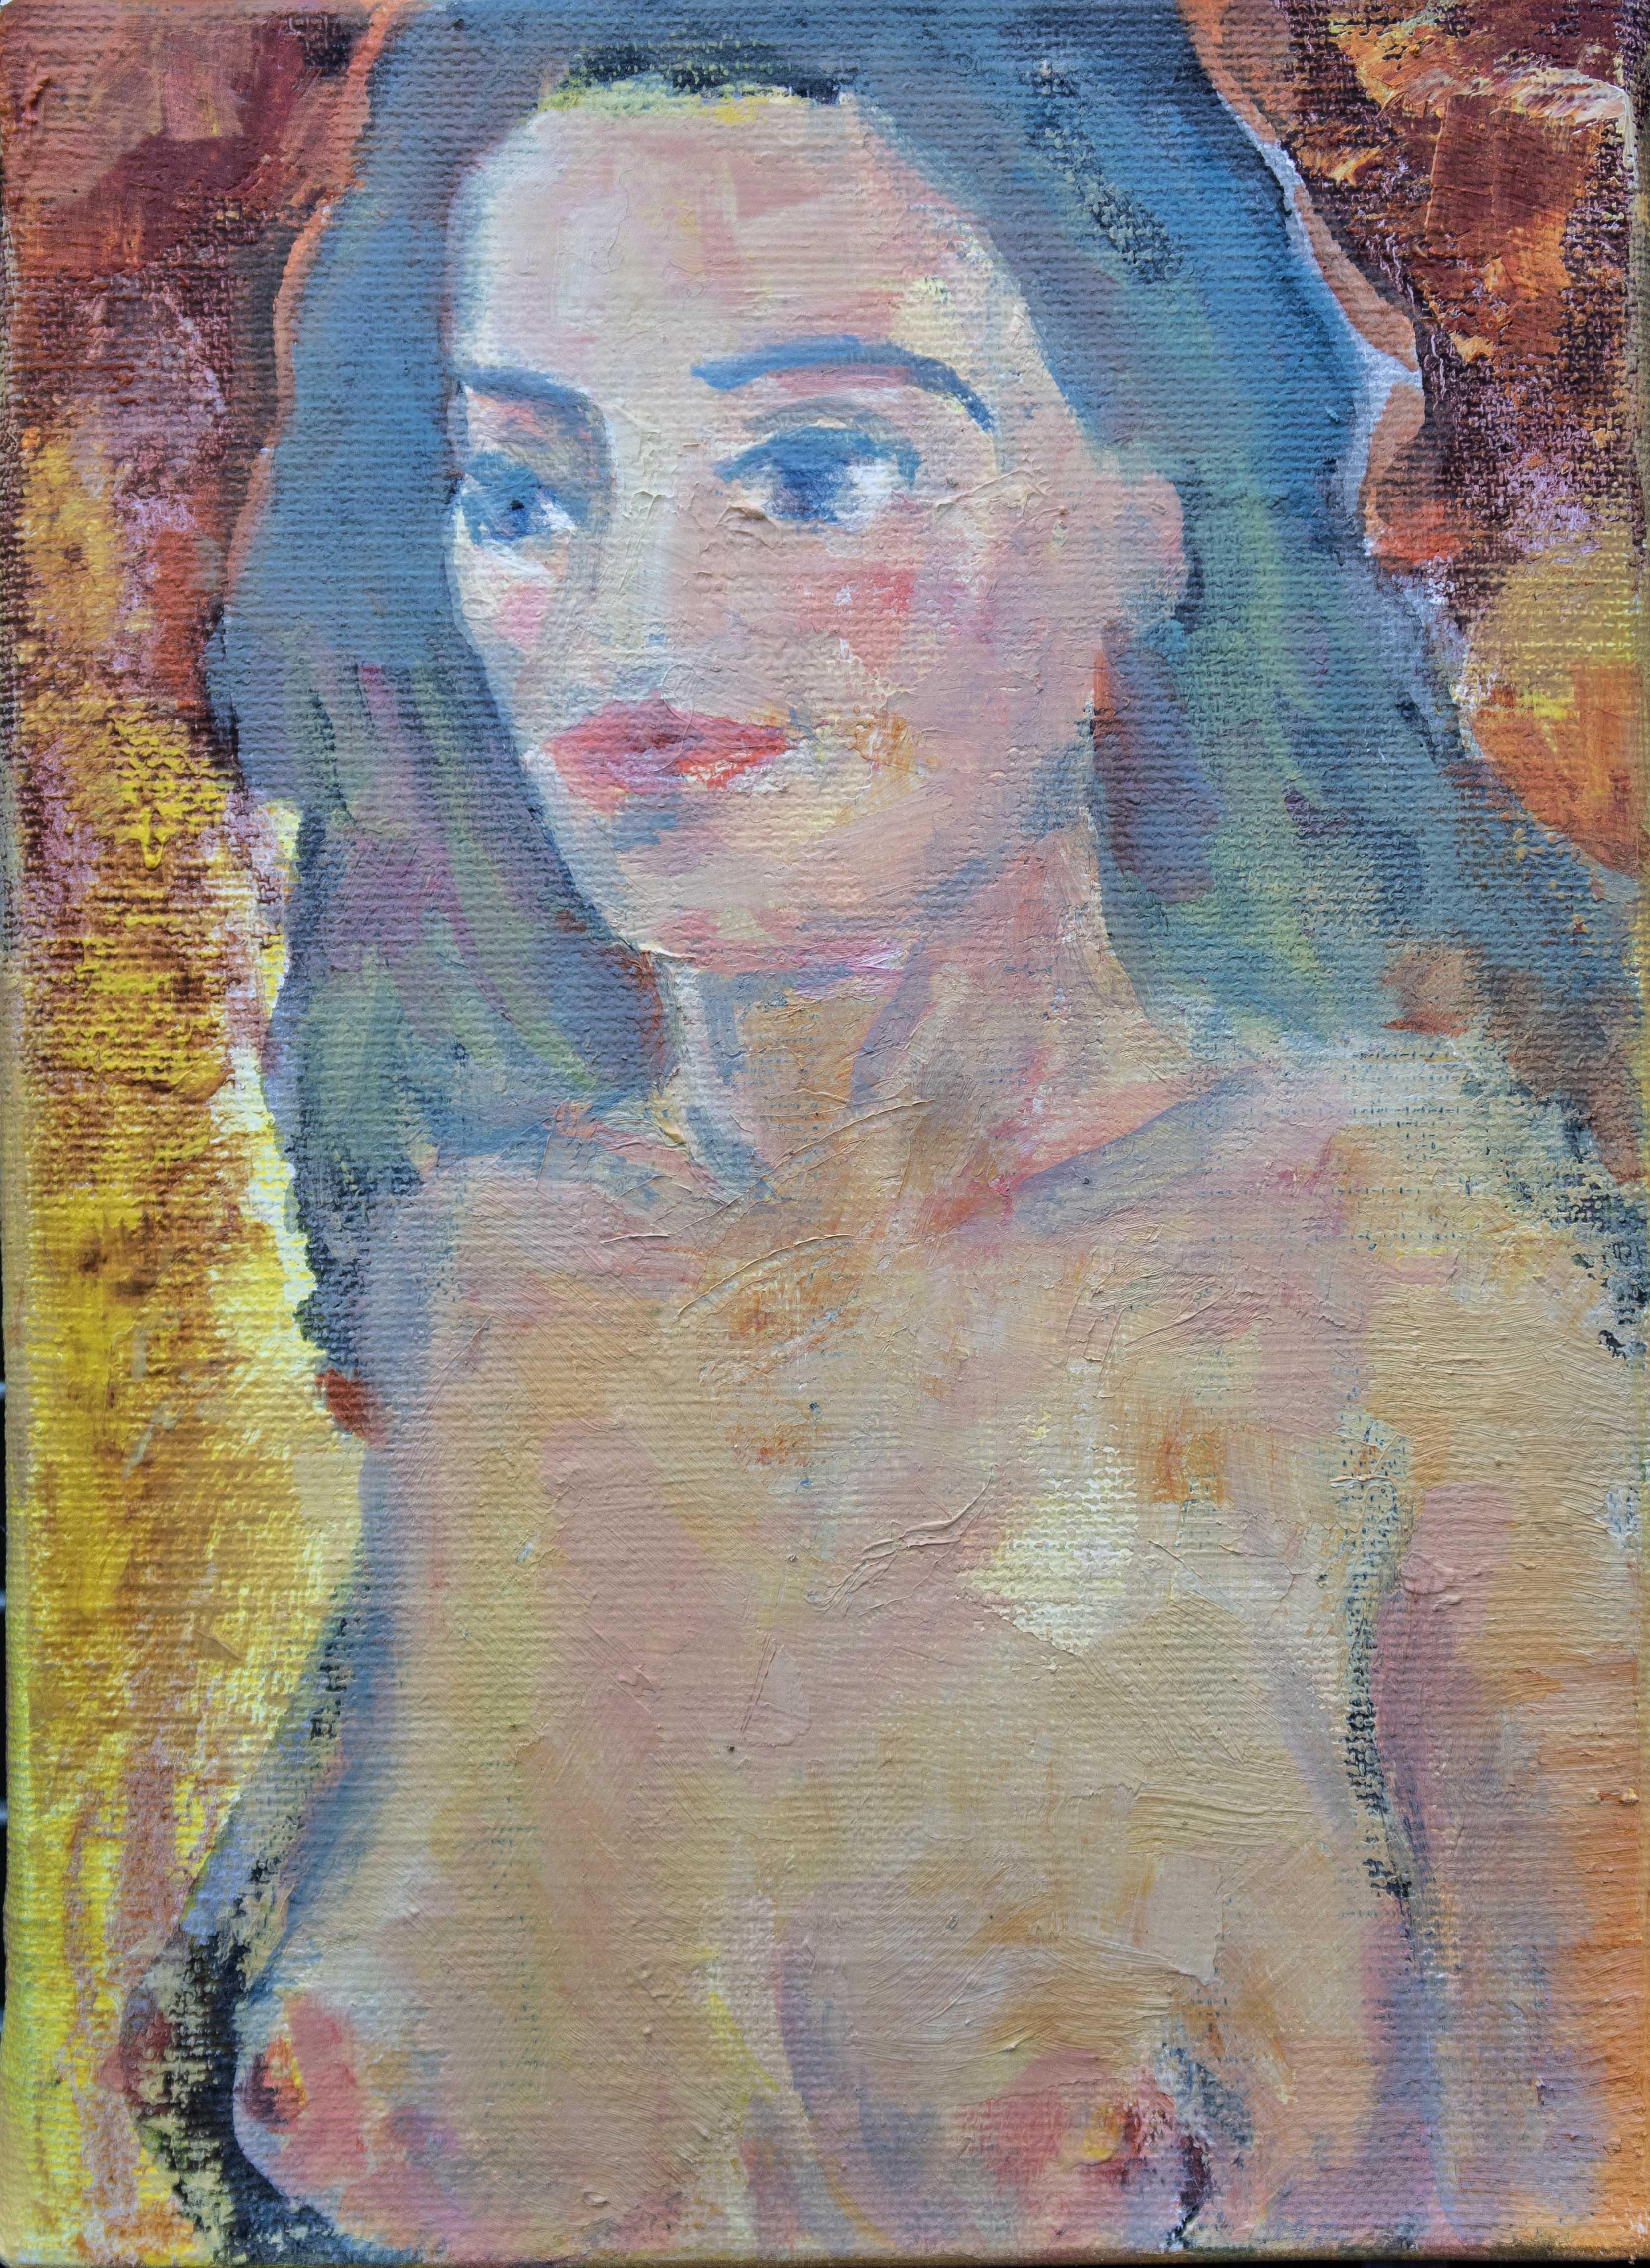 PORTRAIT 2002